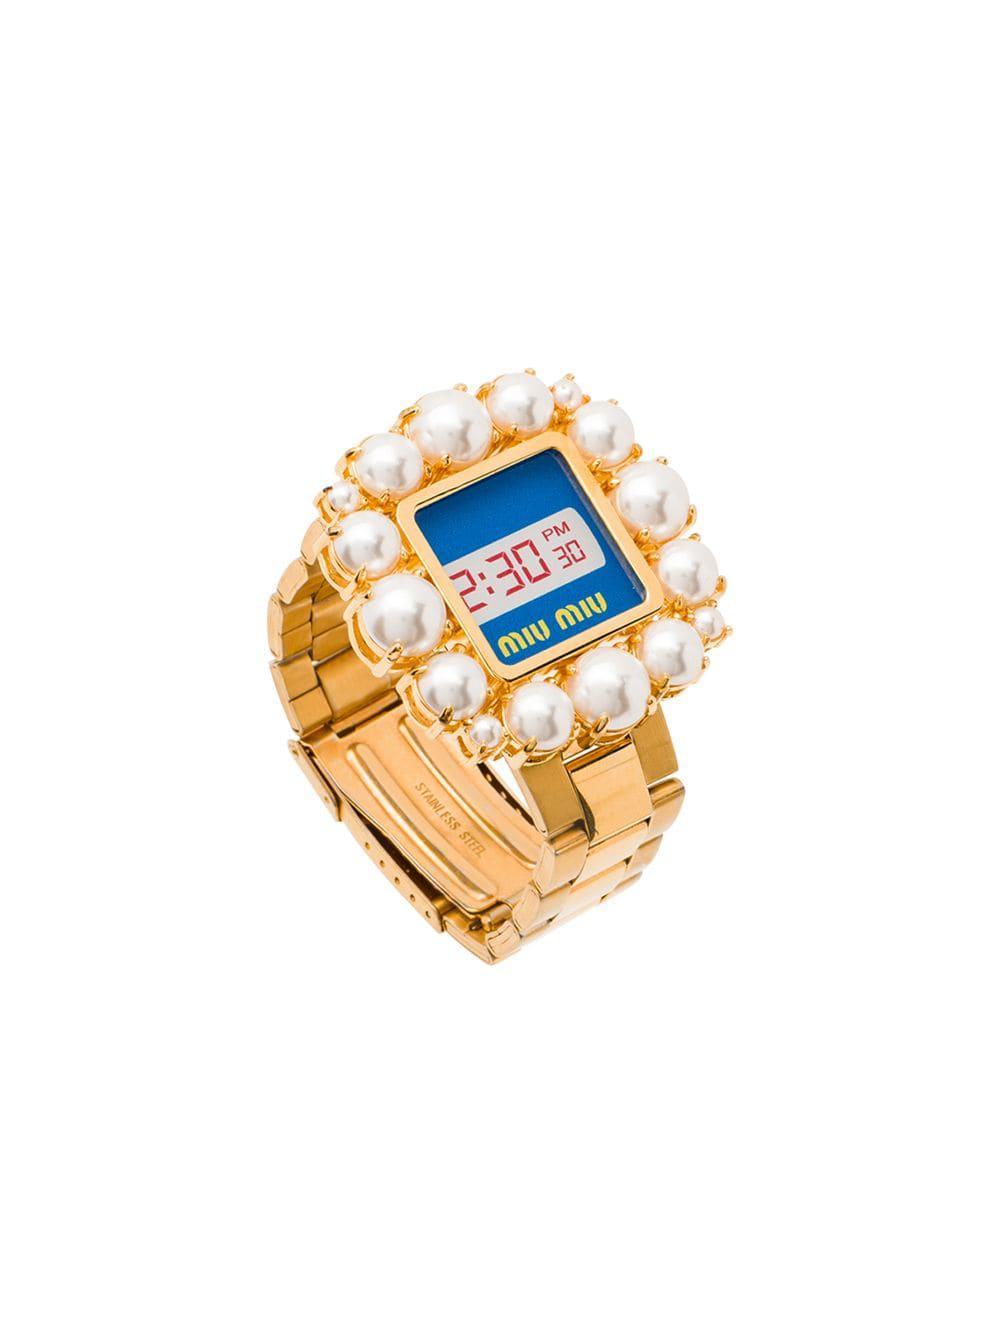 9a24c8eb92e Miu Miu Watch With Pearls in Blue - Lyst